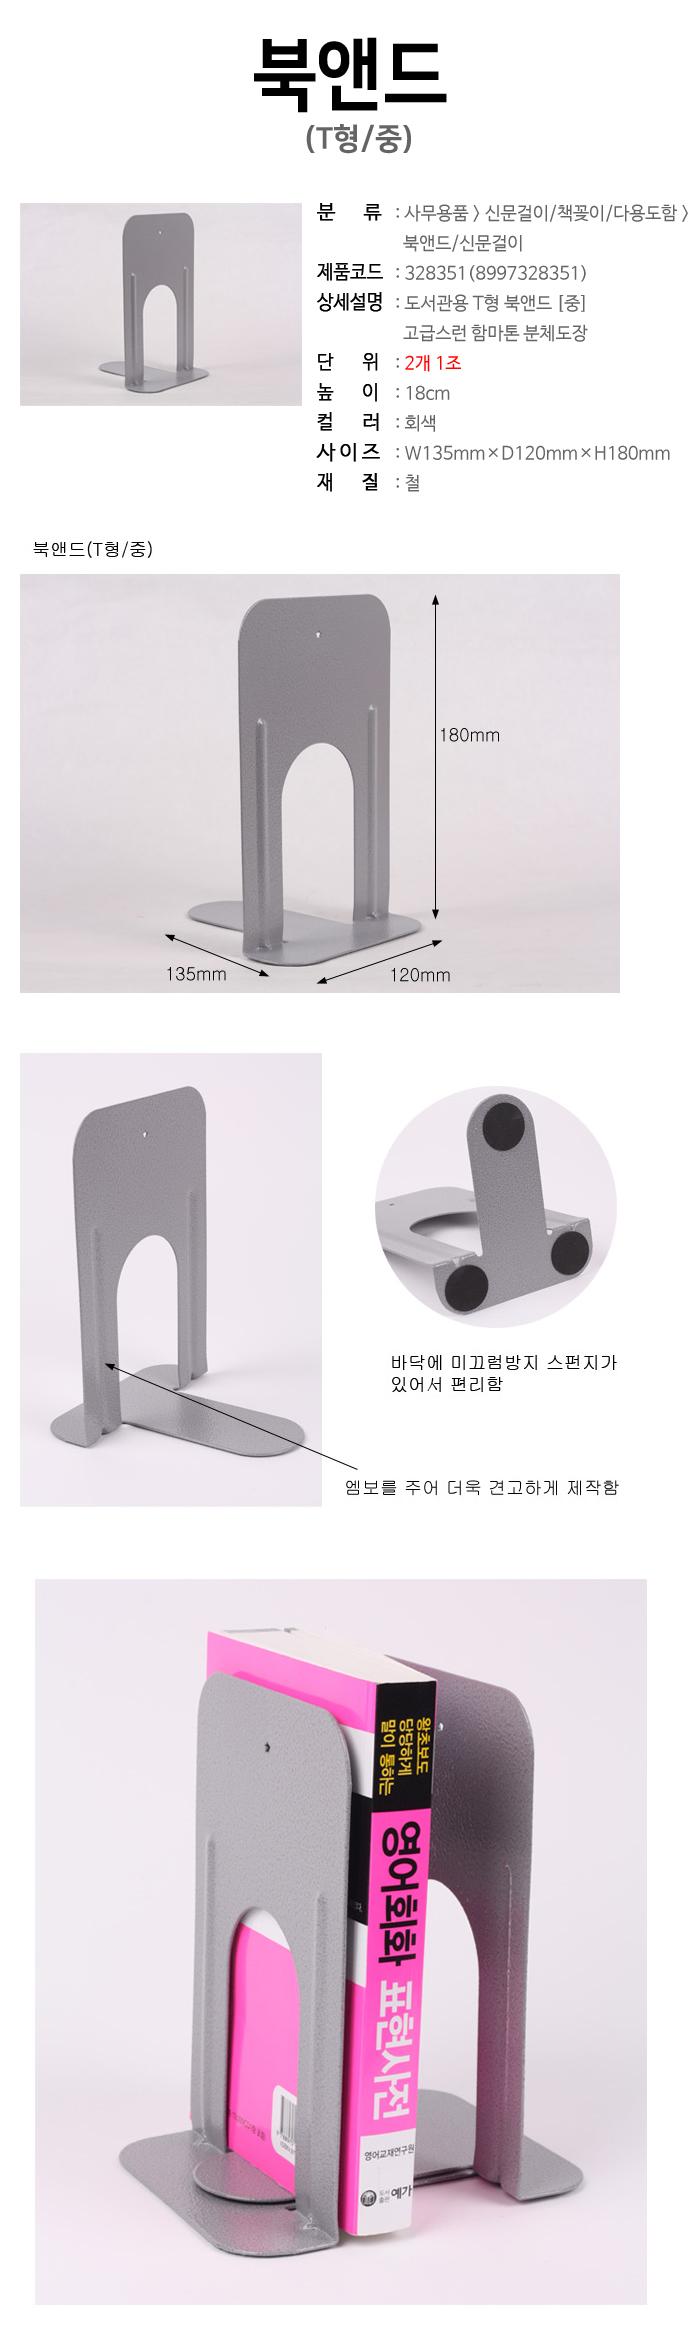 북앤드(T형/중) - 오피스디포, 1,910원, 독서용품, 북앤드